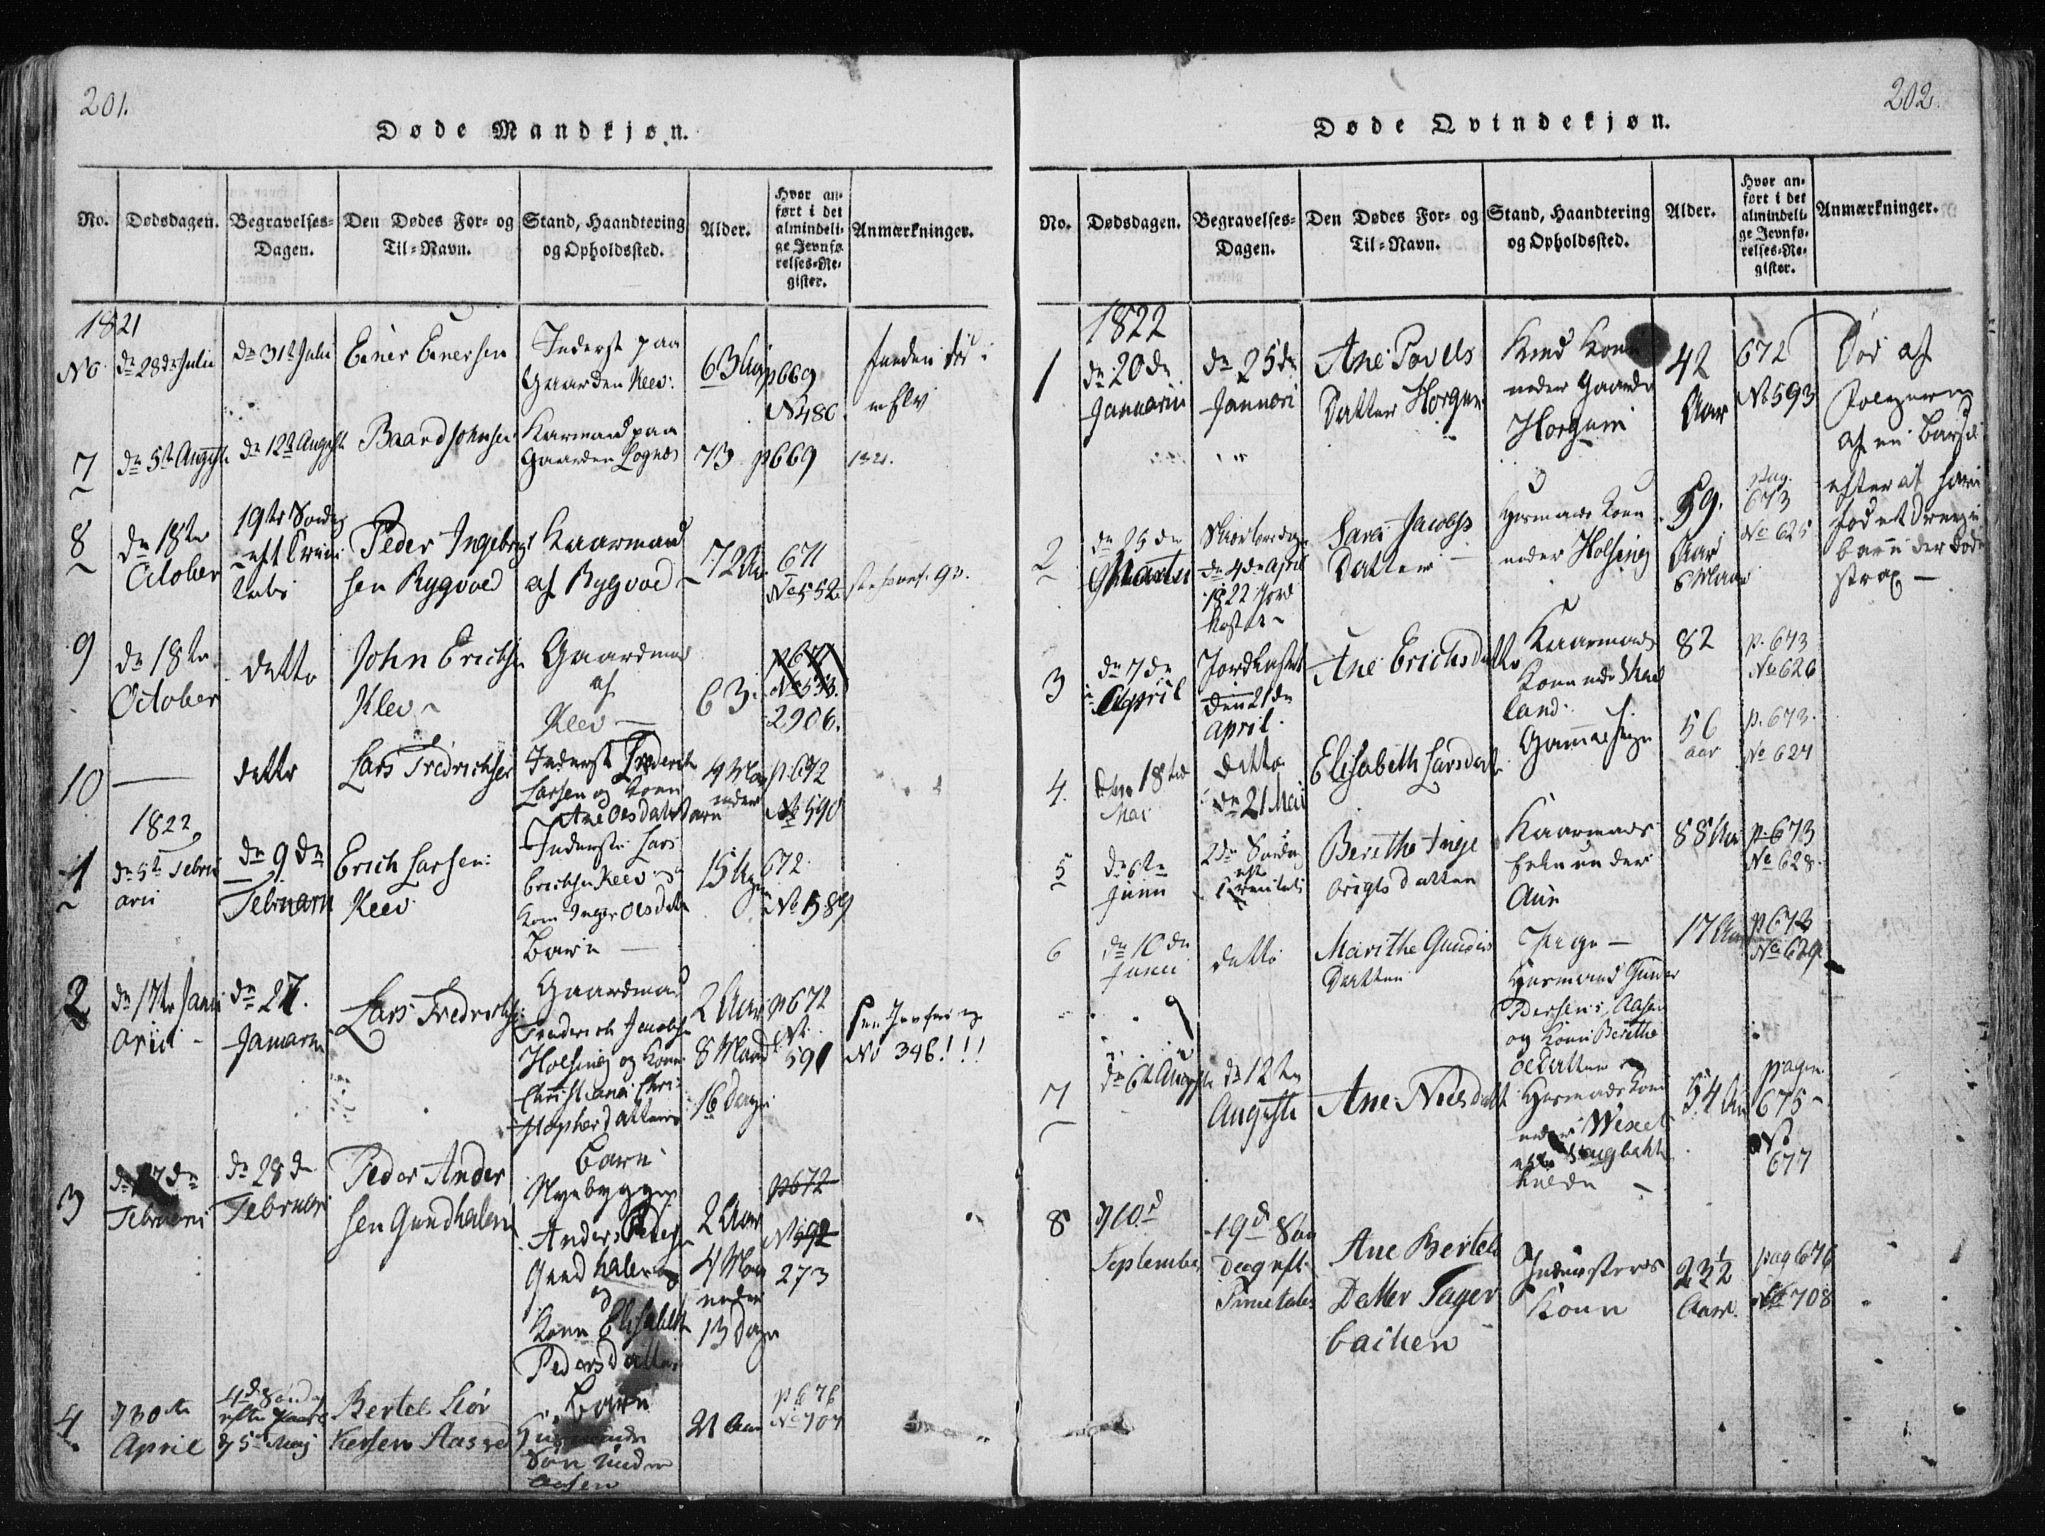 SAT, Ministerialprotokoller, klokkerbøker og fødselsregistre - Nord-Trøndelag, 749/L0469: Ministerialbok nr. 749A03, 1817-1857, s. 201-202